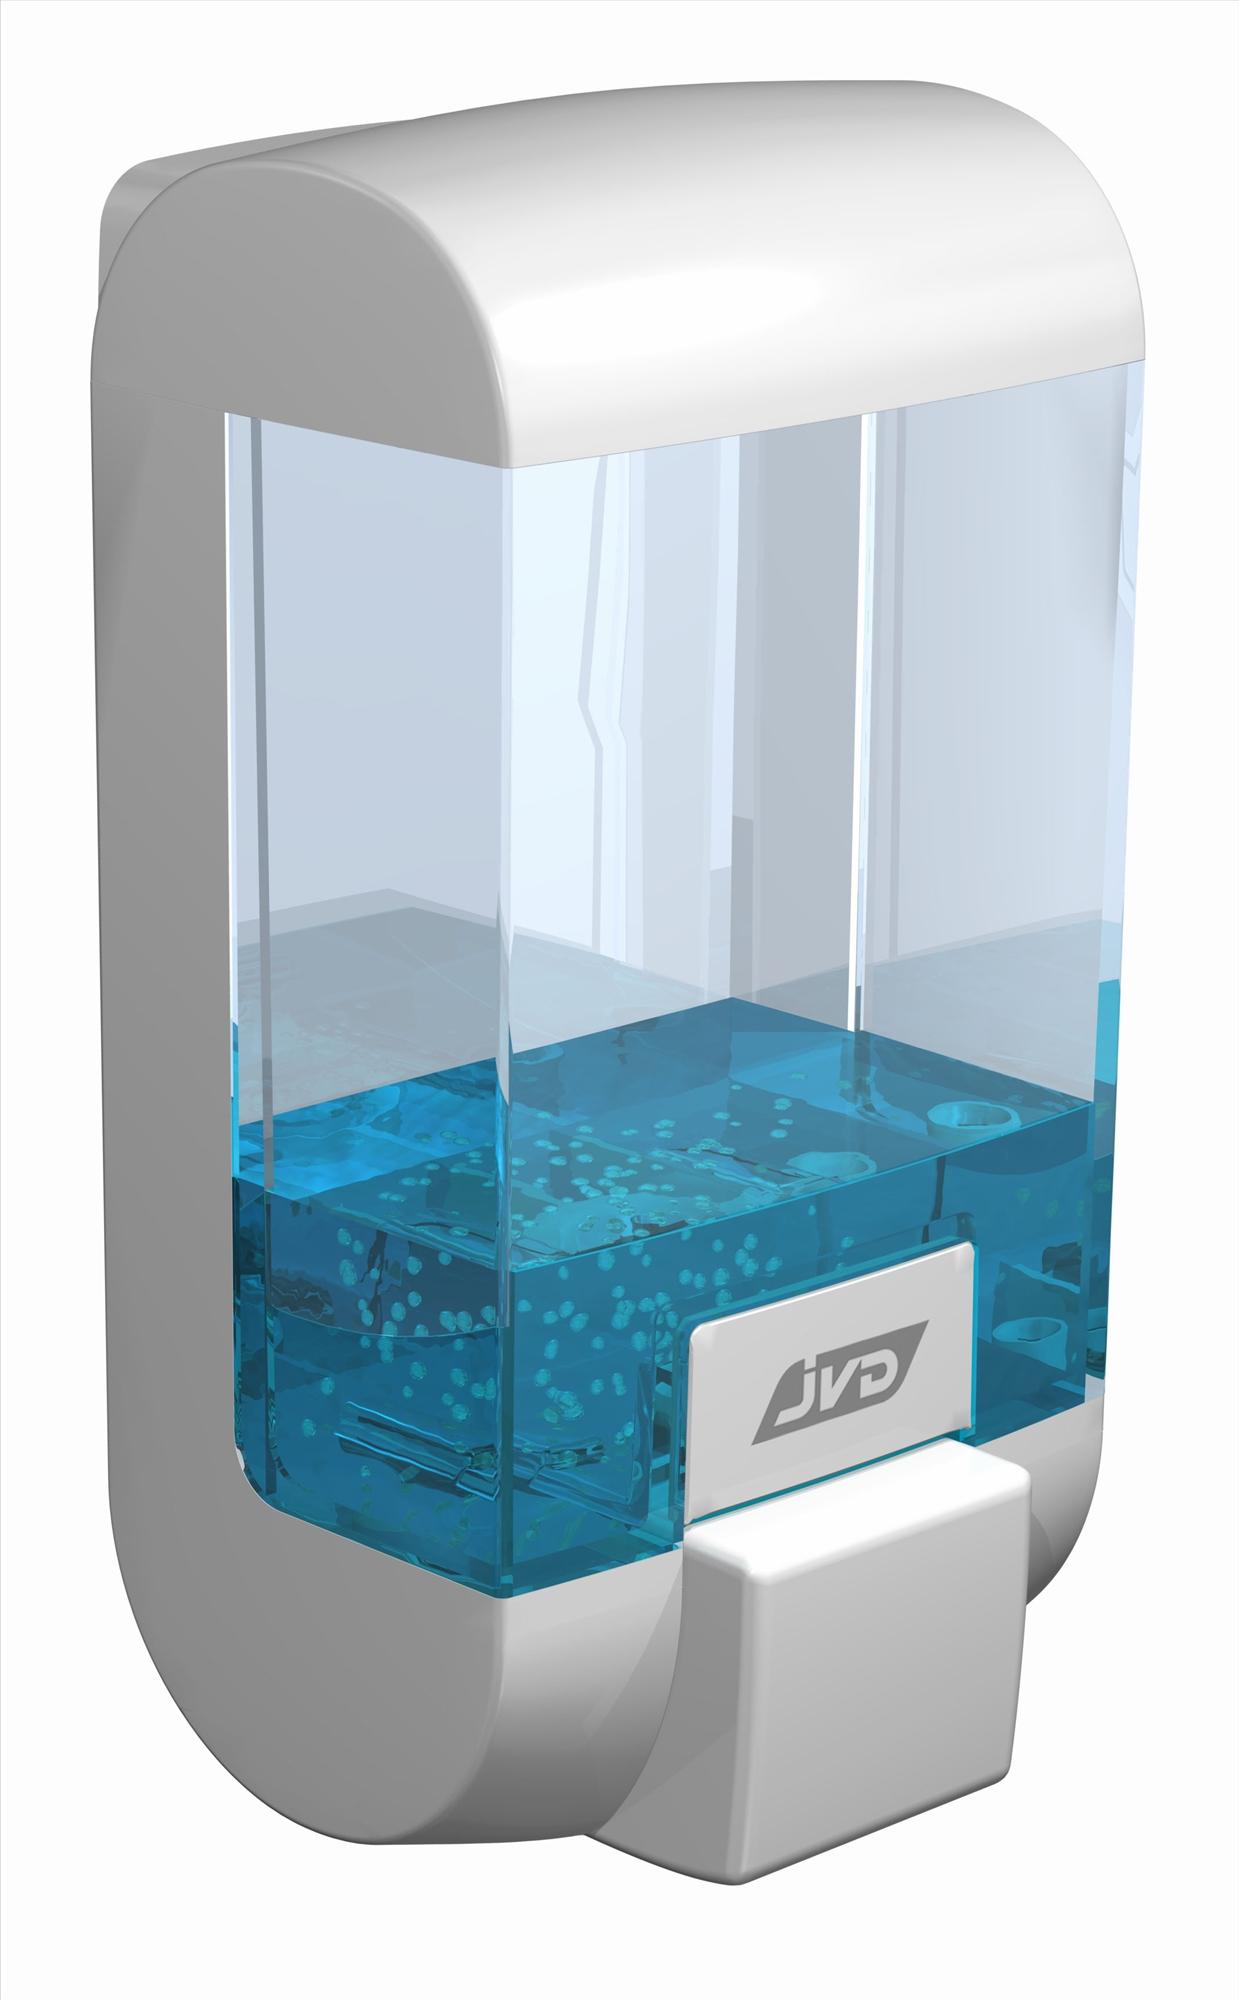 distributeur de savon liquide vrac rubis jvd blanc. Black Bedroom Furniture Sets. Home Design Ideas